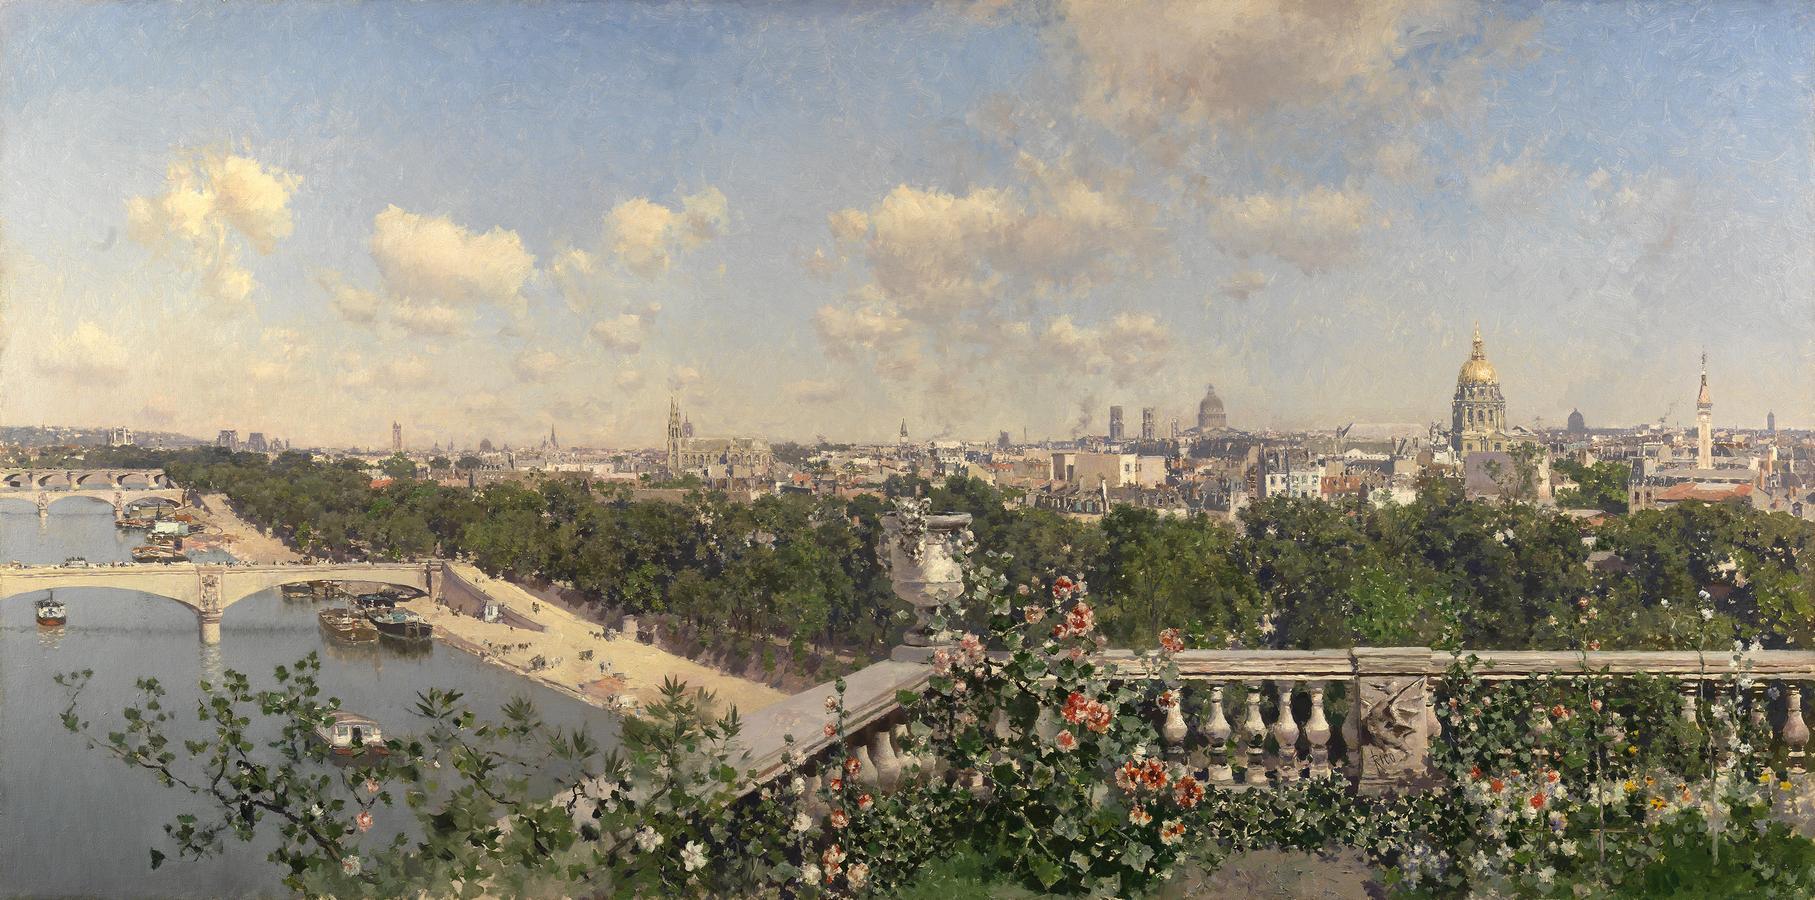 view-of-paris-from-the-trocadero-by-martc3adn-rico-y-ortegag-c-1883.jpg